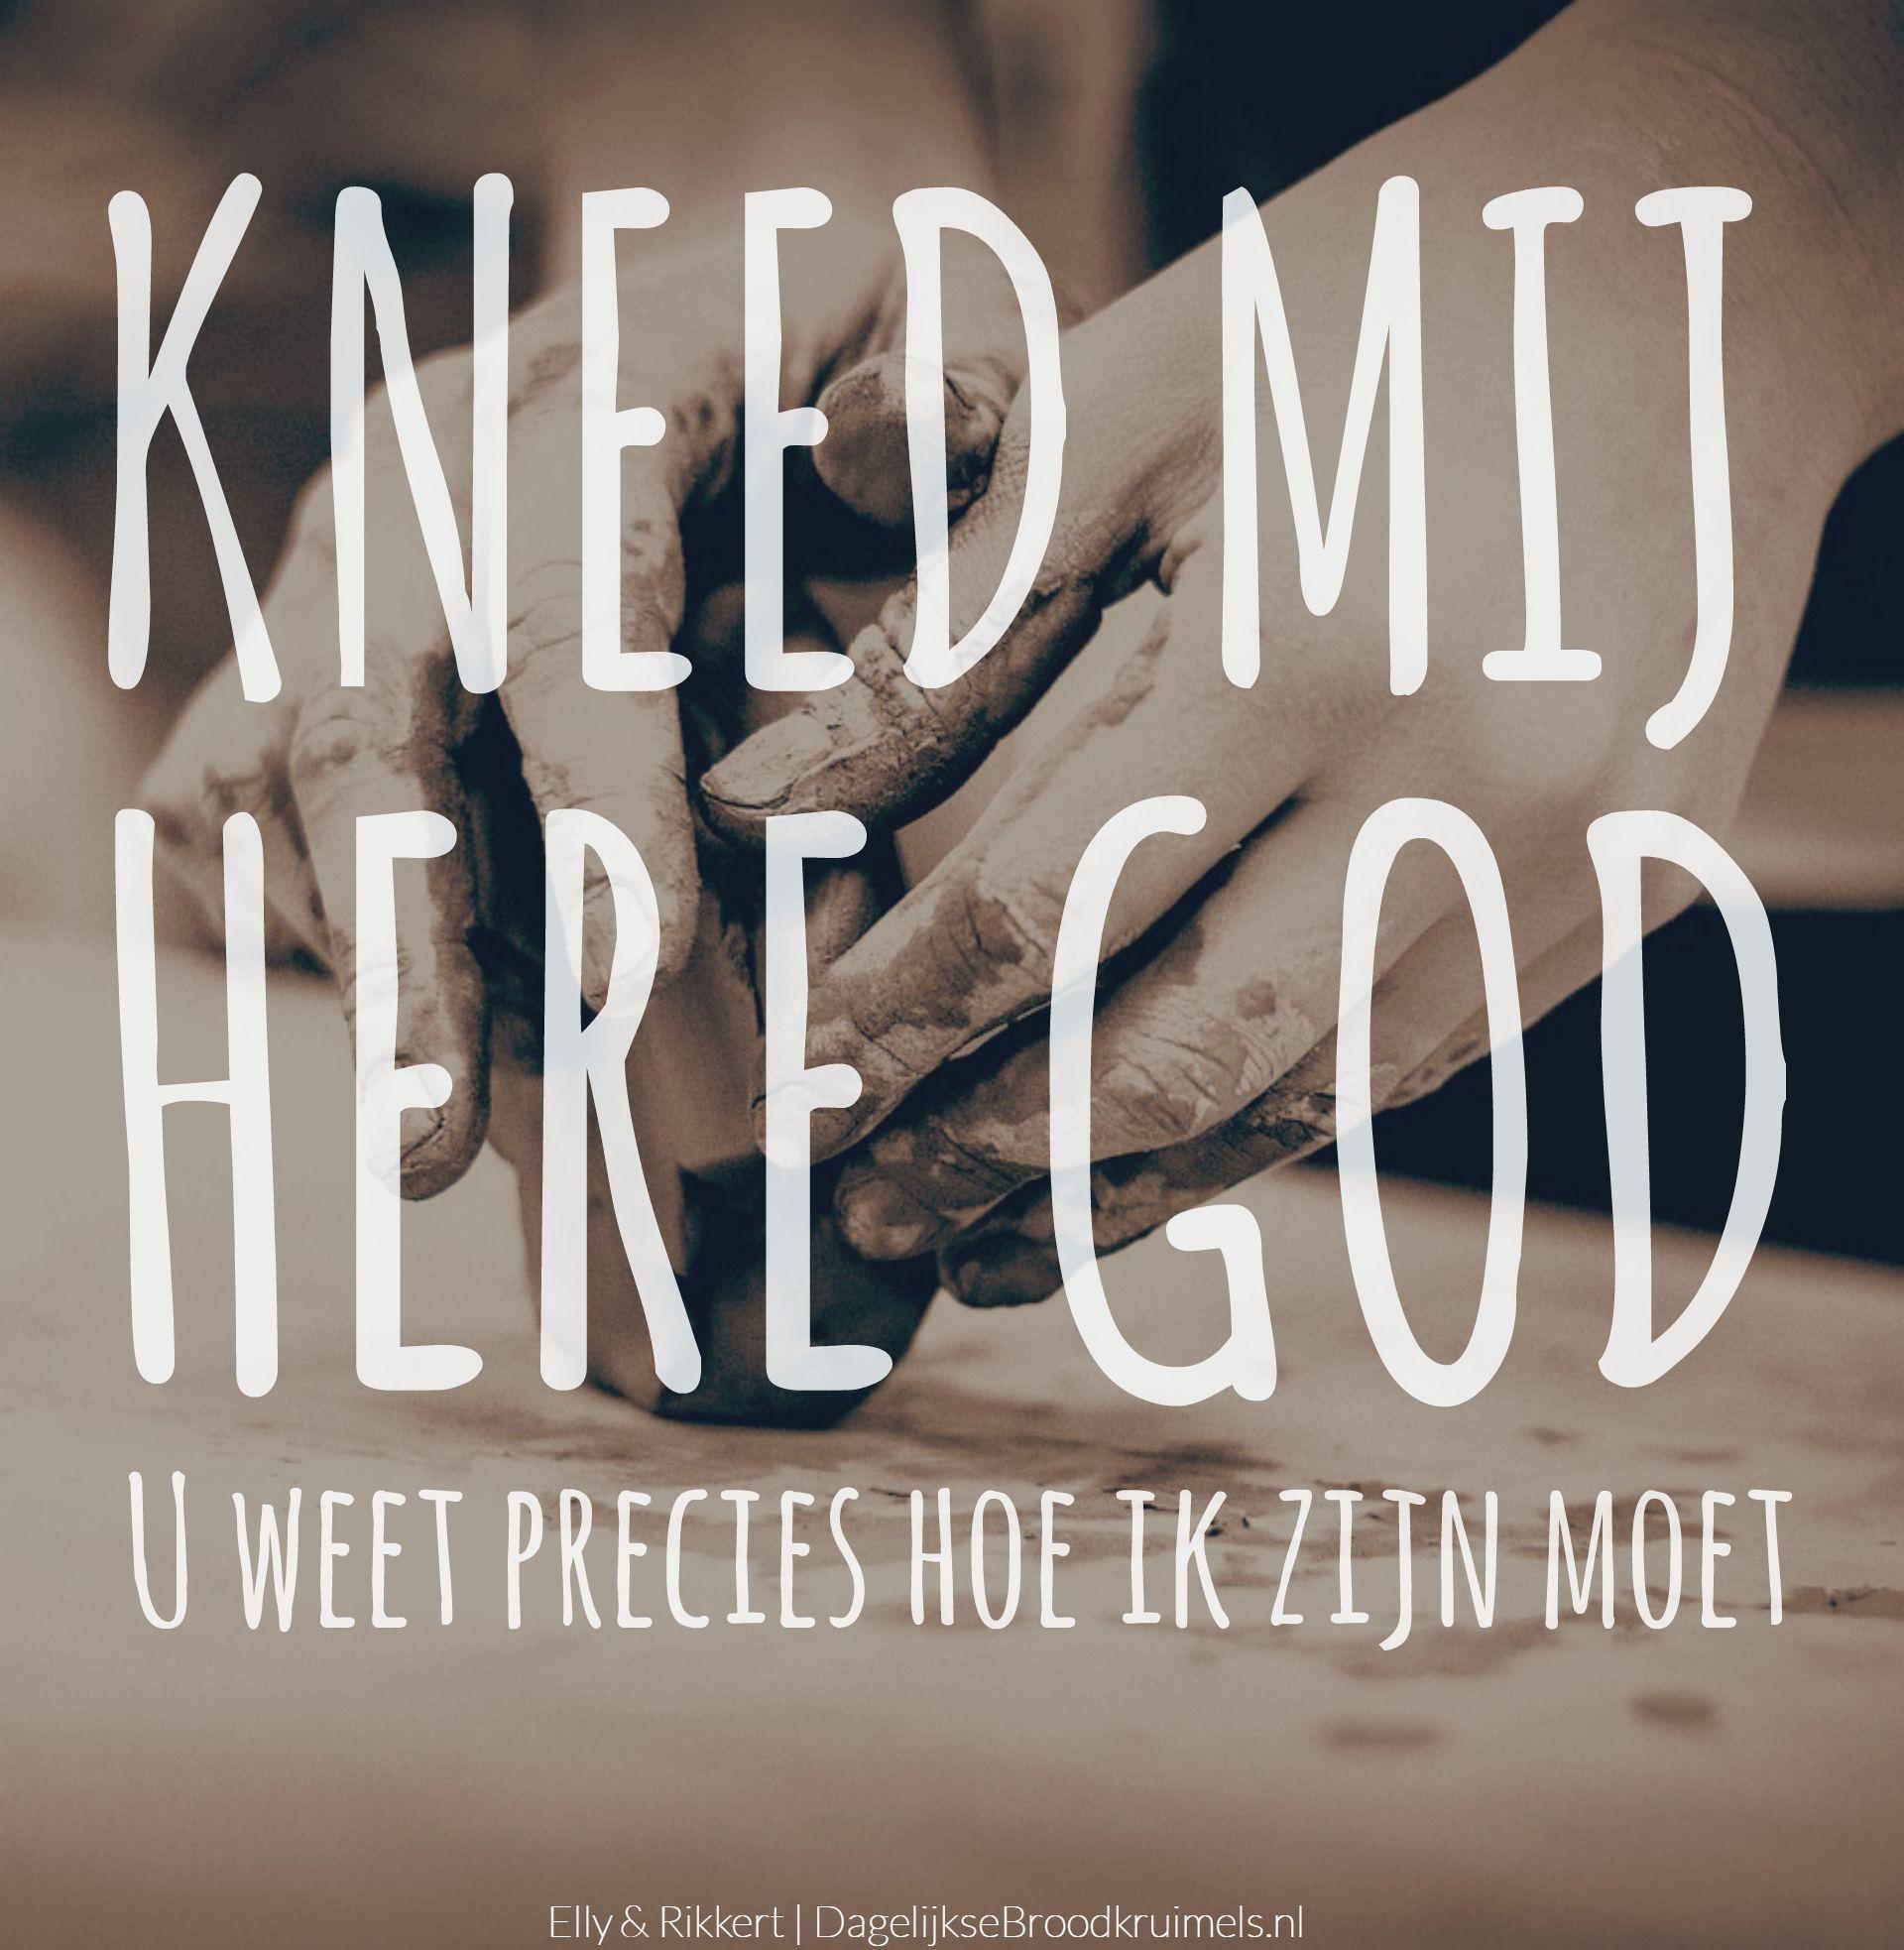 Bijbelcitaten : Kneed mij here god bijbelteksten en quotes faith